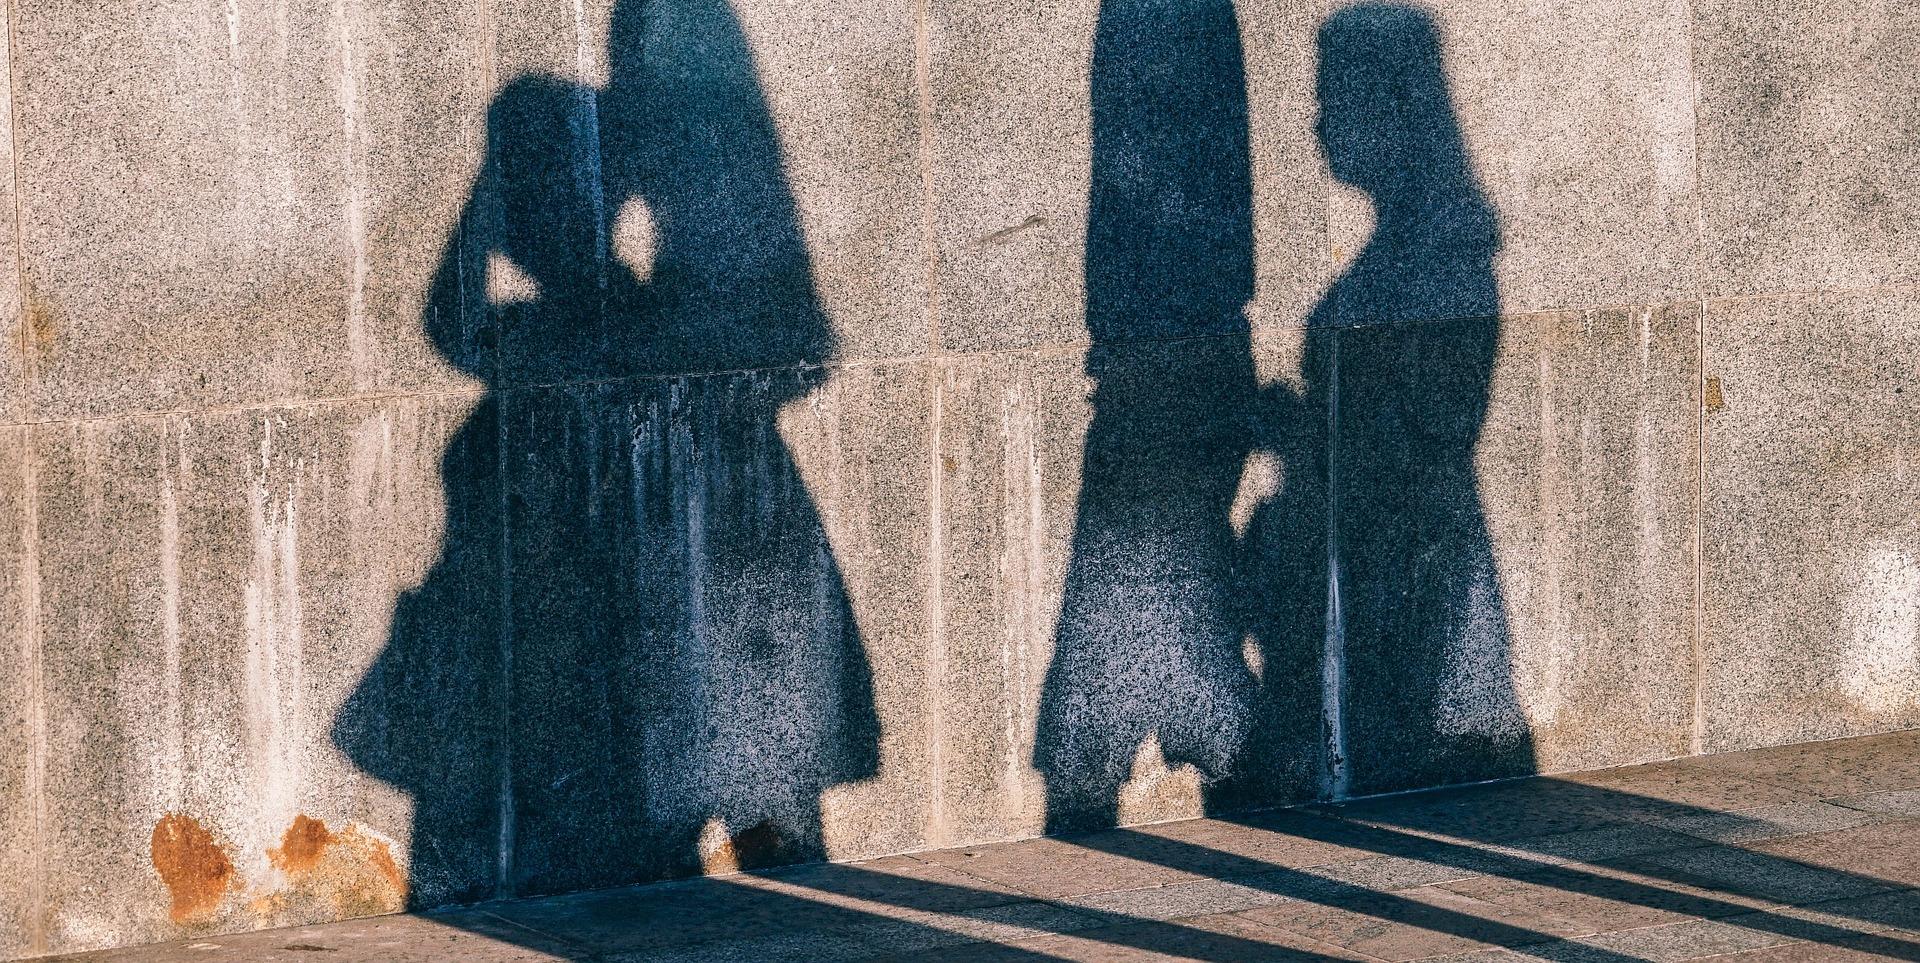 Shadows of walkers